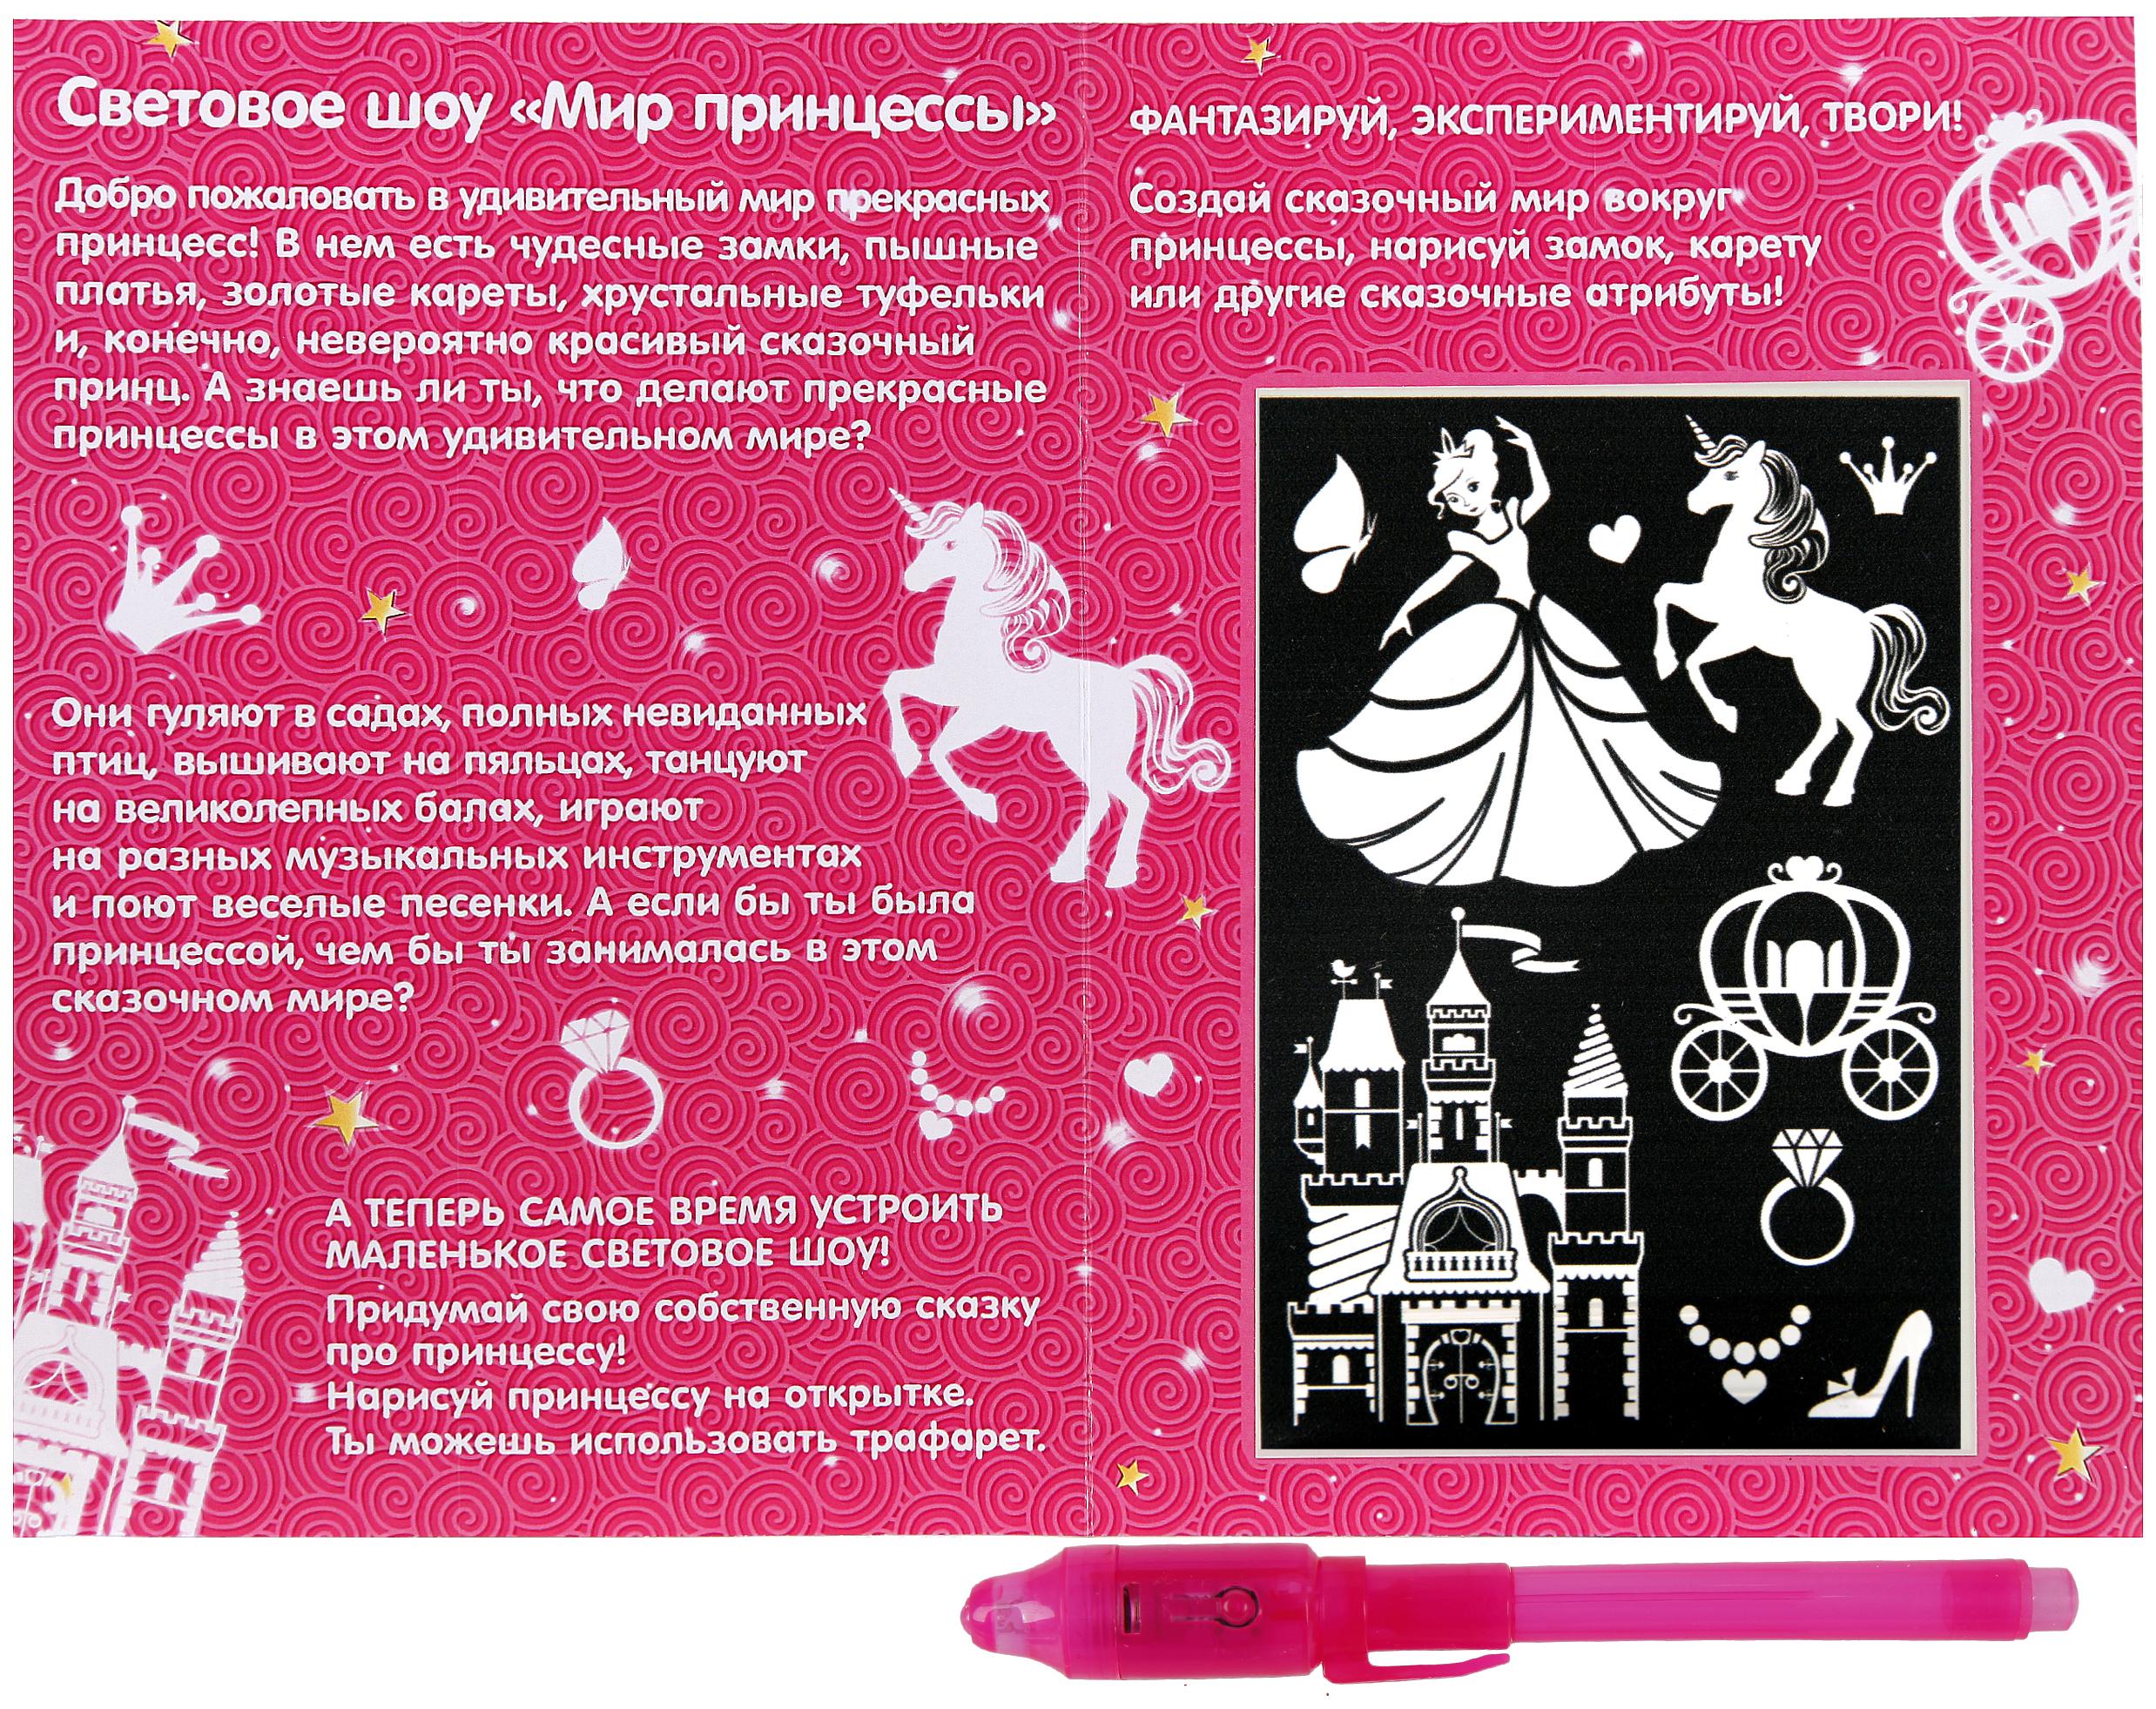 Купить Набор для рисования Color Puppy Световое шоу Мир принцессы 323794, Наборы для рисования